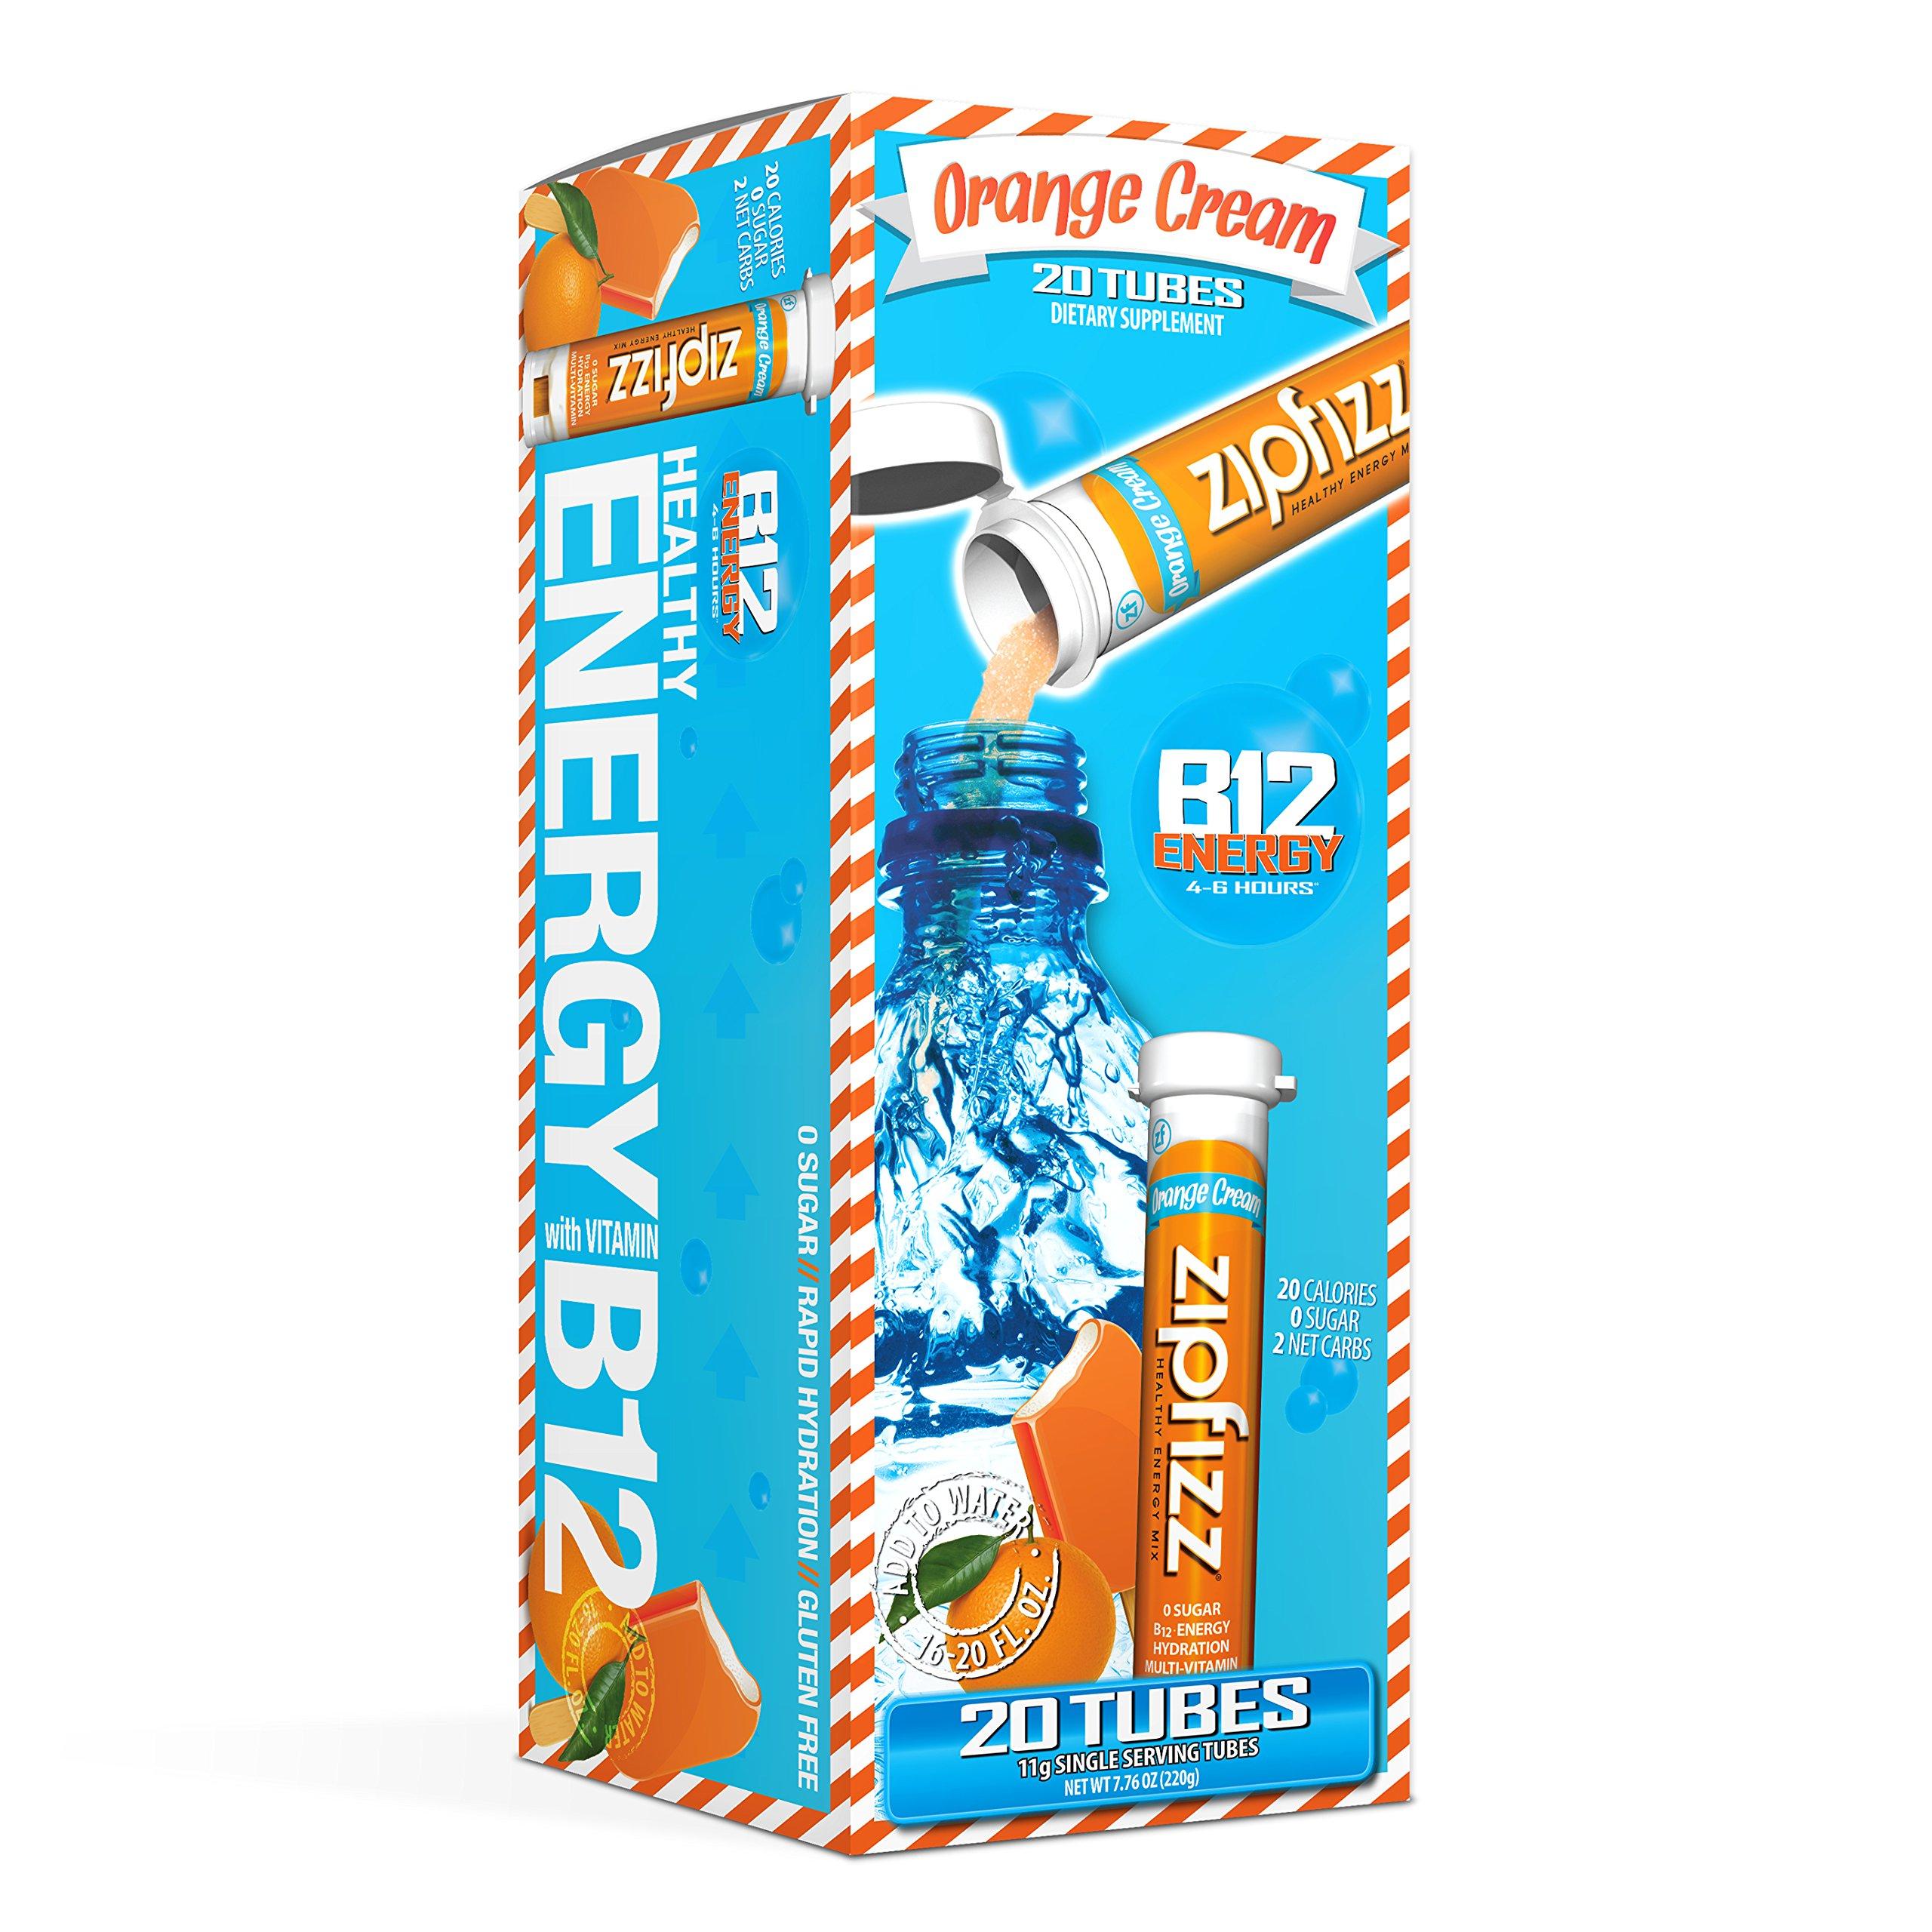 Zipfizz Healthy Energy Drink Mix, Orange Cream, 20 Count